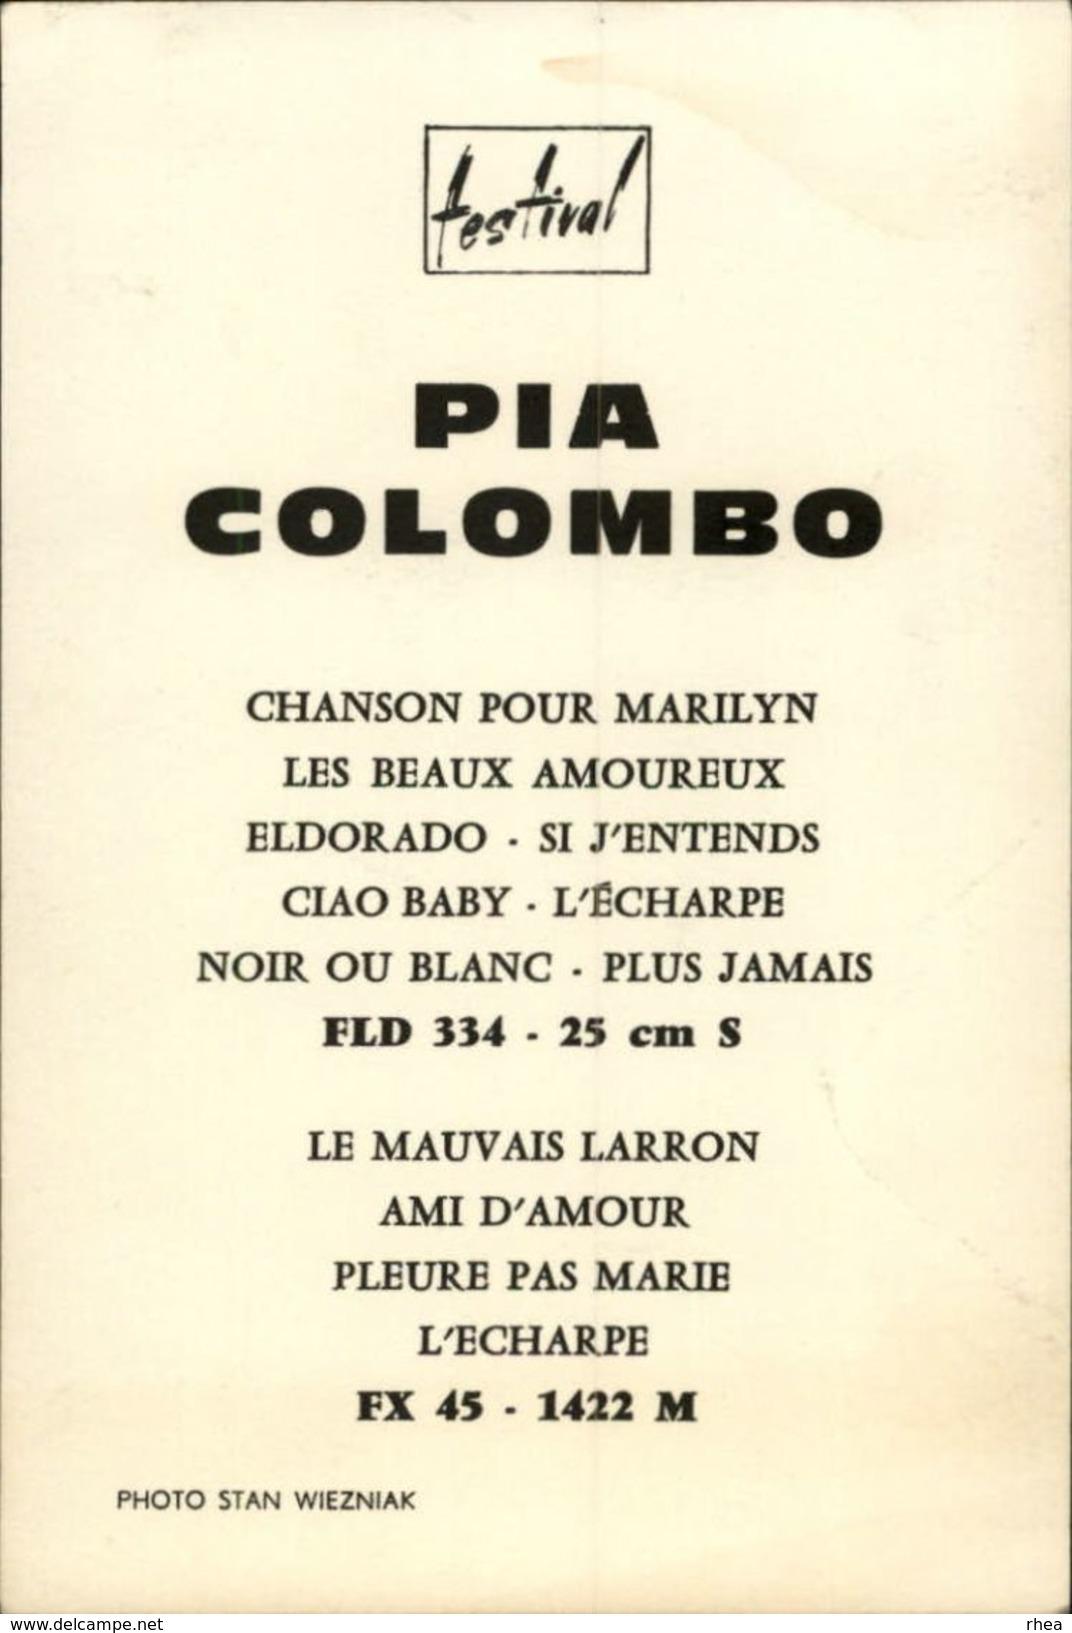 CELEBRITES - PIA COLOMBO - Vieux Papiers